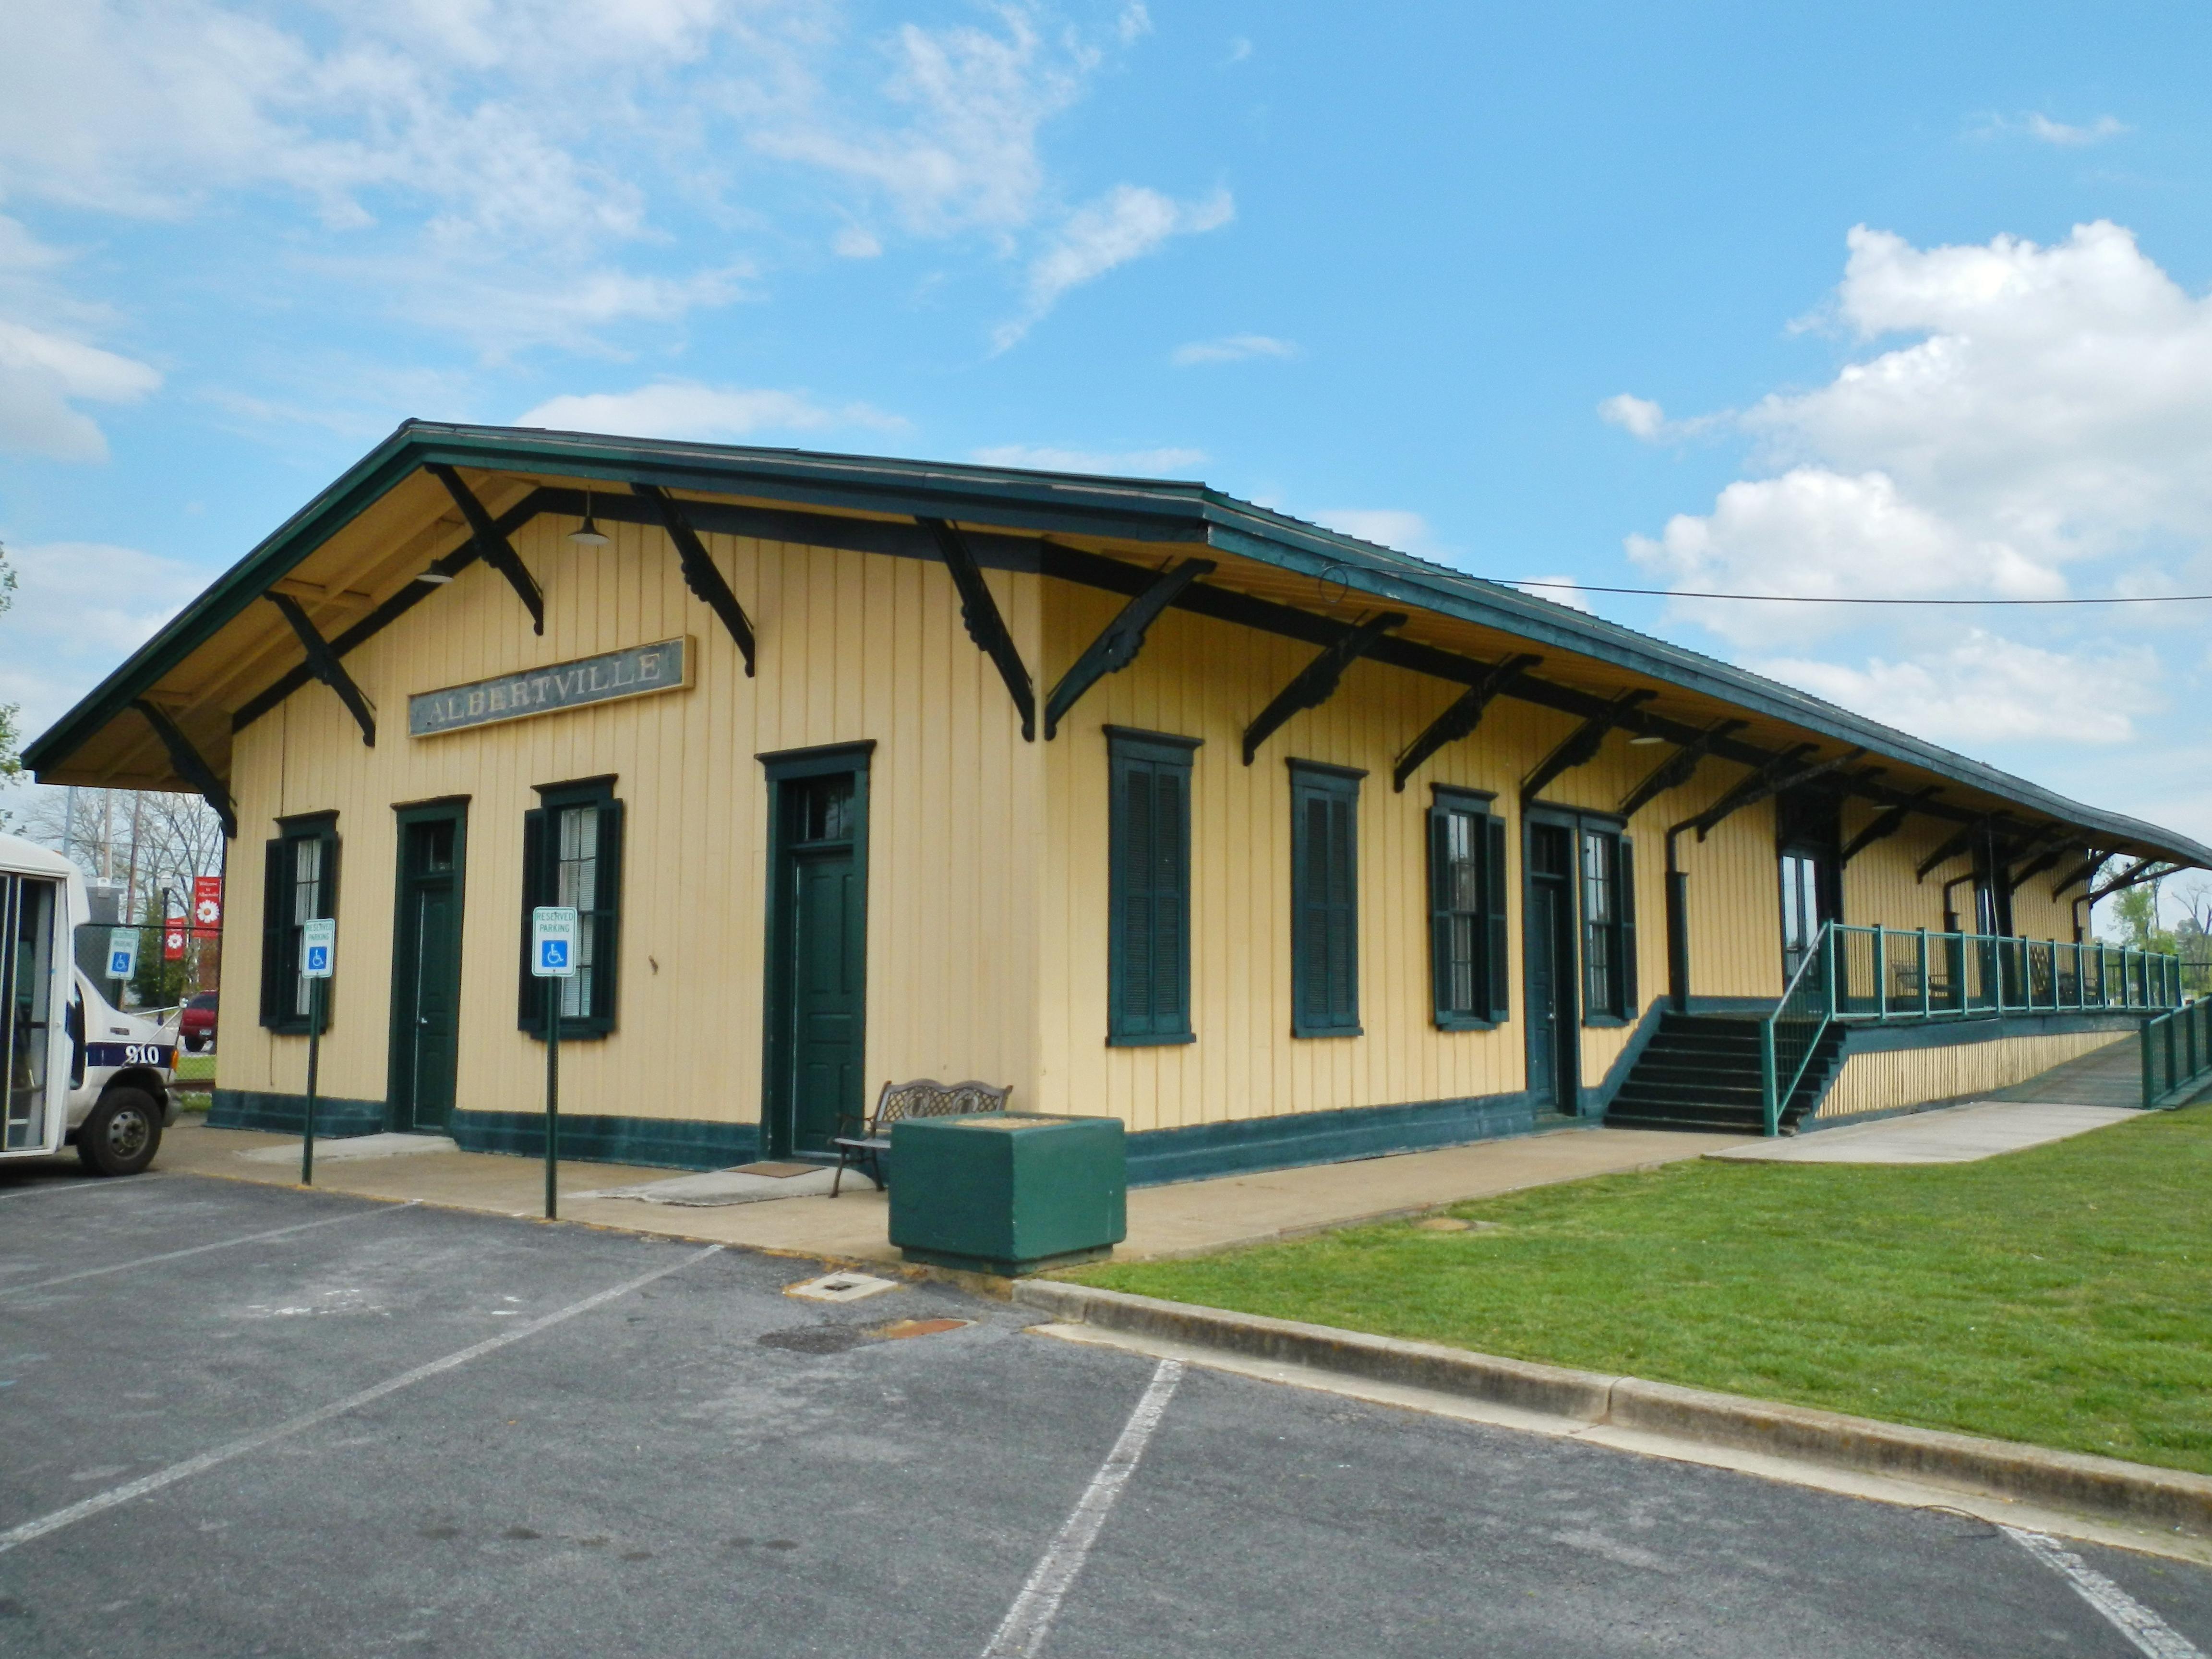 Colormaster albertville al - File Albertville Alabama Depot Jpg